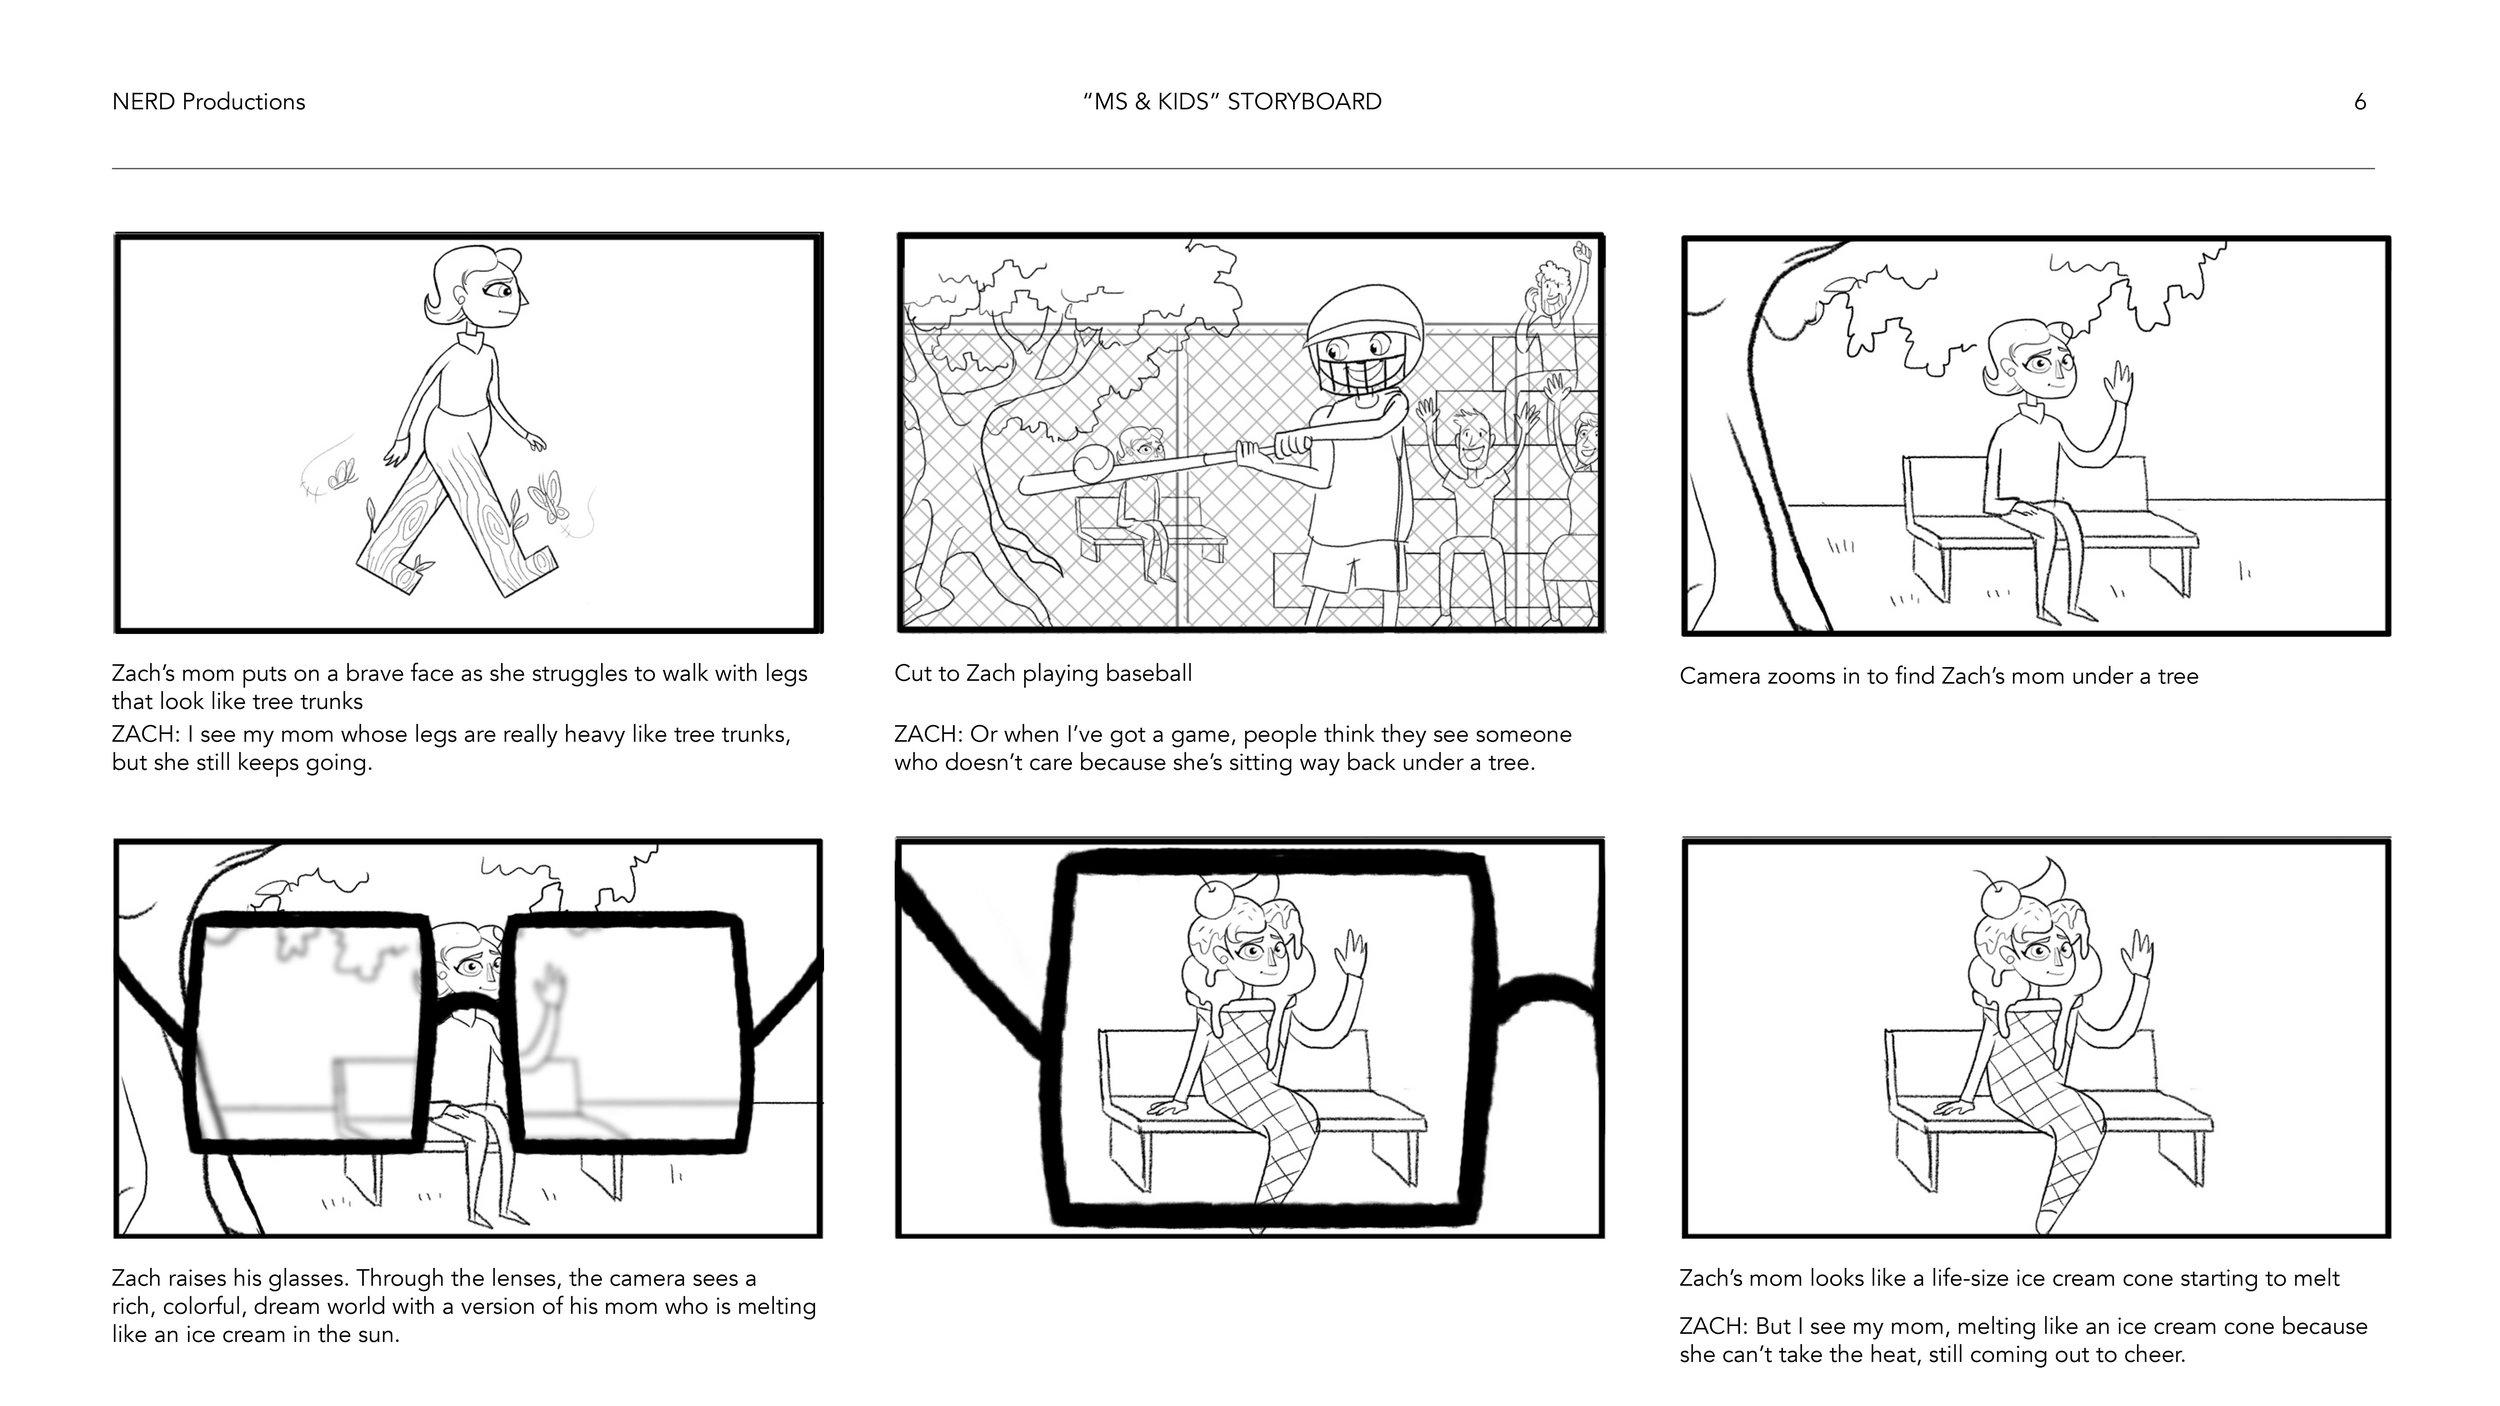 MS_KIDS_Storyboard-6.jpg